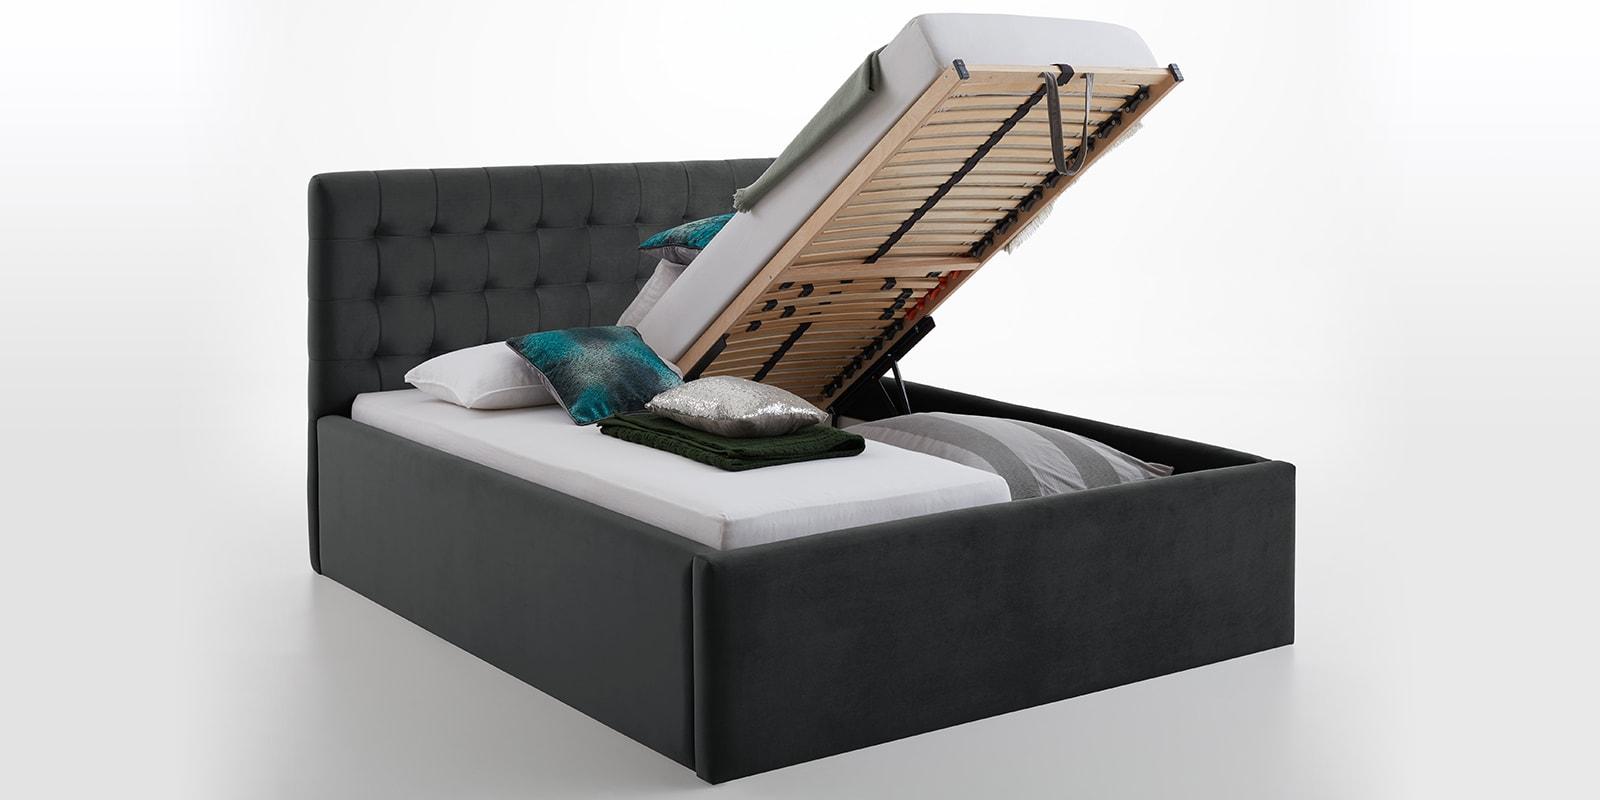 Moebella24 - Bett - mit - Bettkasten - Molly - Smaragd - Anthrazit - XXL-Bettkasten - Bettkasten - und - Lattenrost - vormontiert - Kopfteil - mit - Steppungen